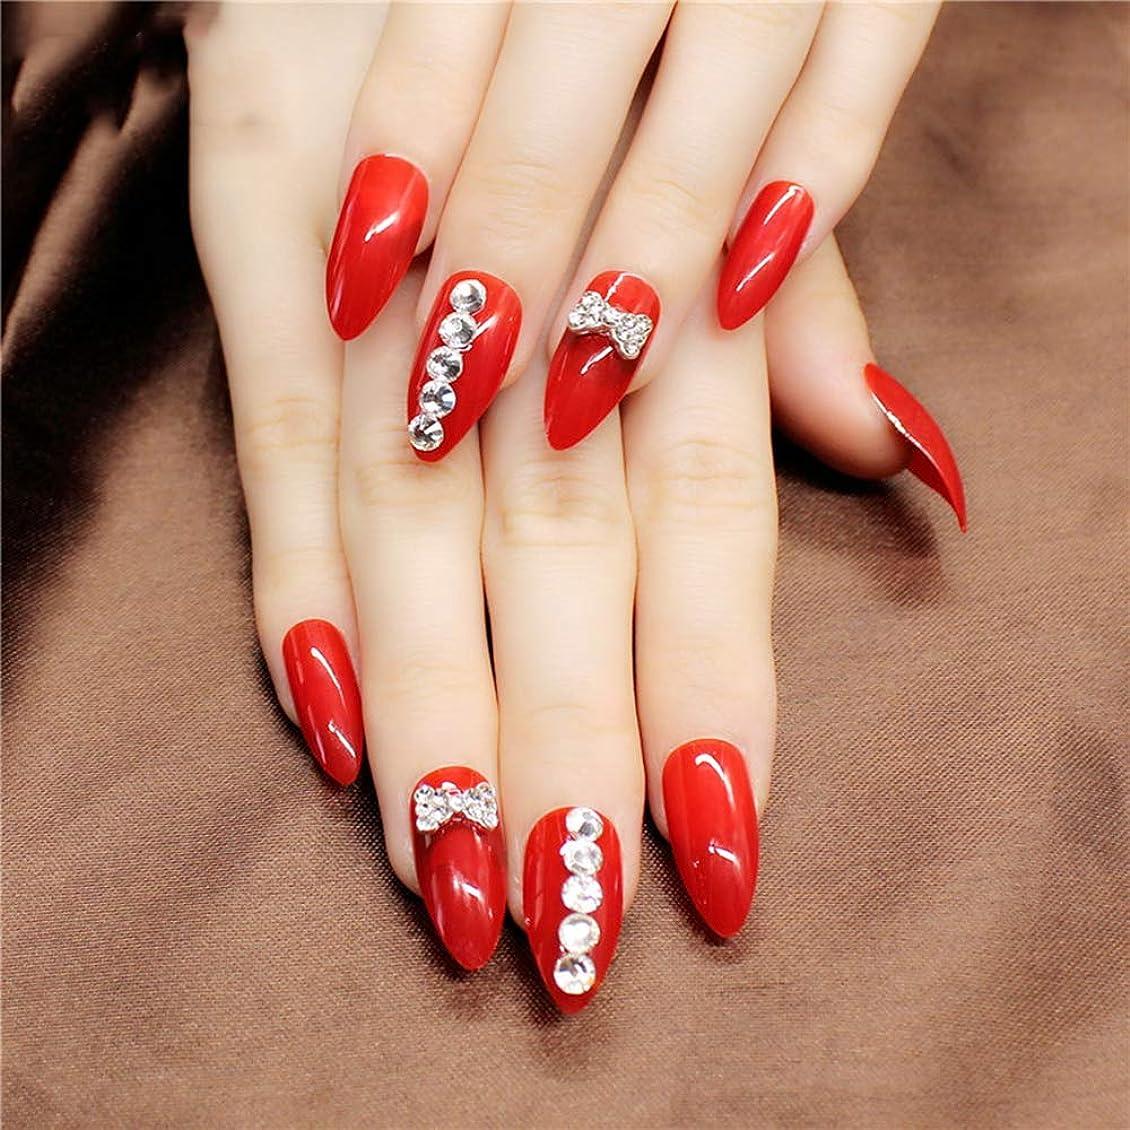 週間フィクション潤滑するXUTXZKA 24本/箱赤いスティレット偽の爪の石のパターンは指のための暗い光沢のある長押しを指摘